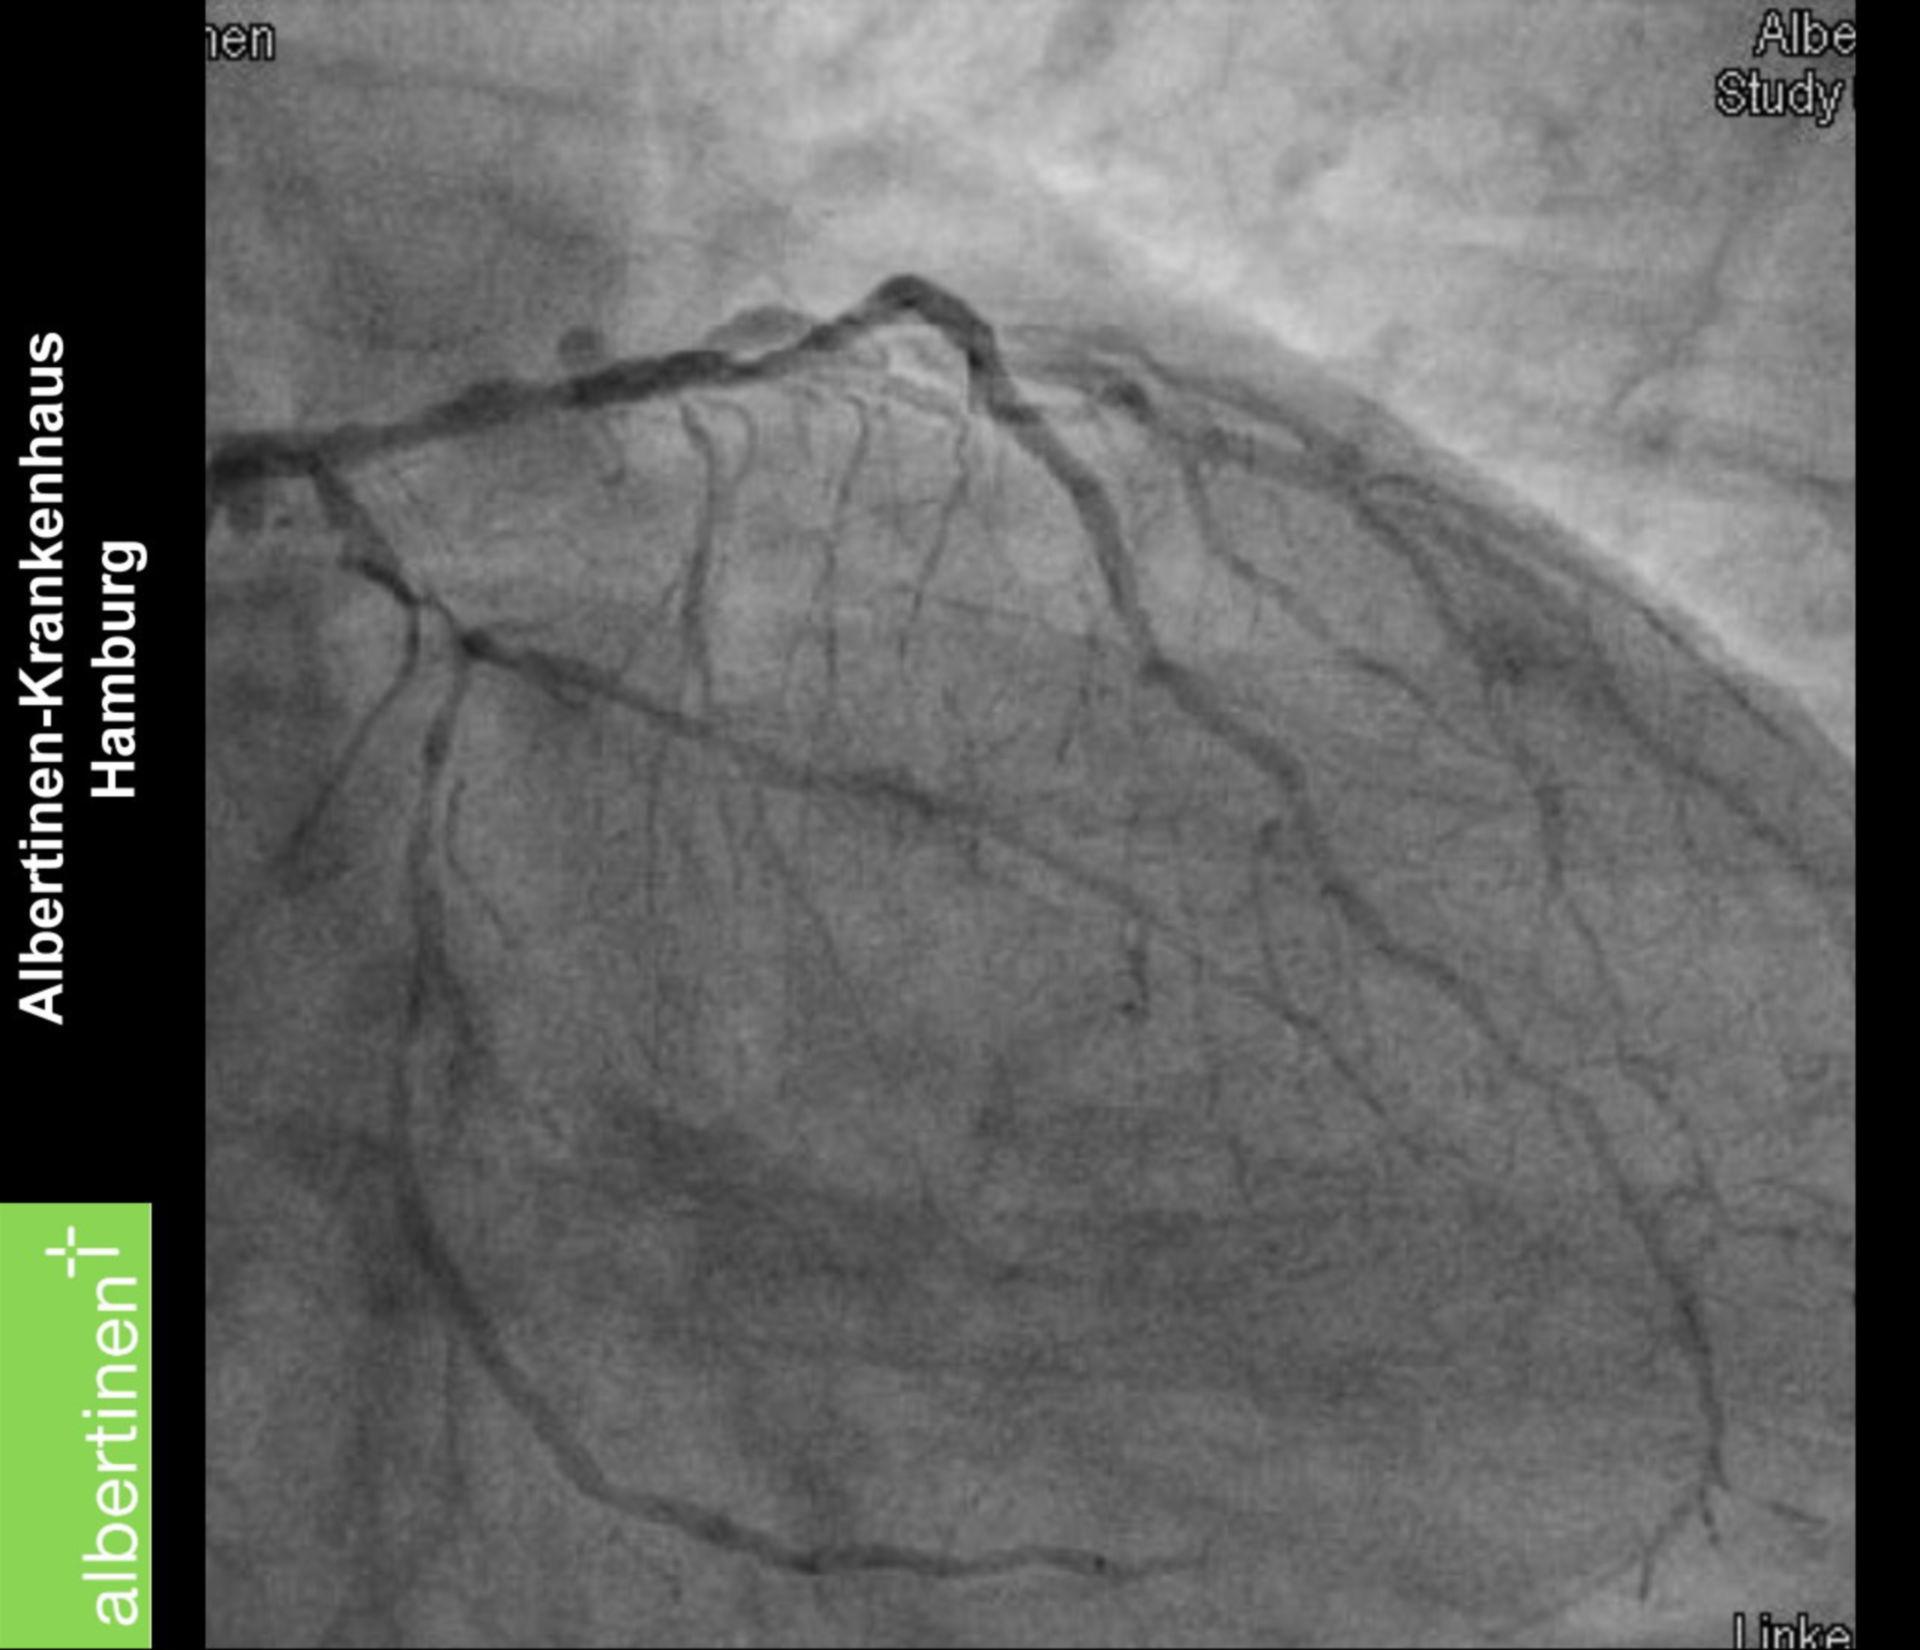 Grave malattia coronarica: angiografia coronarica